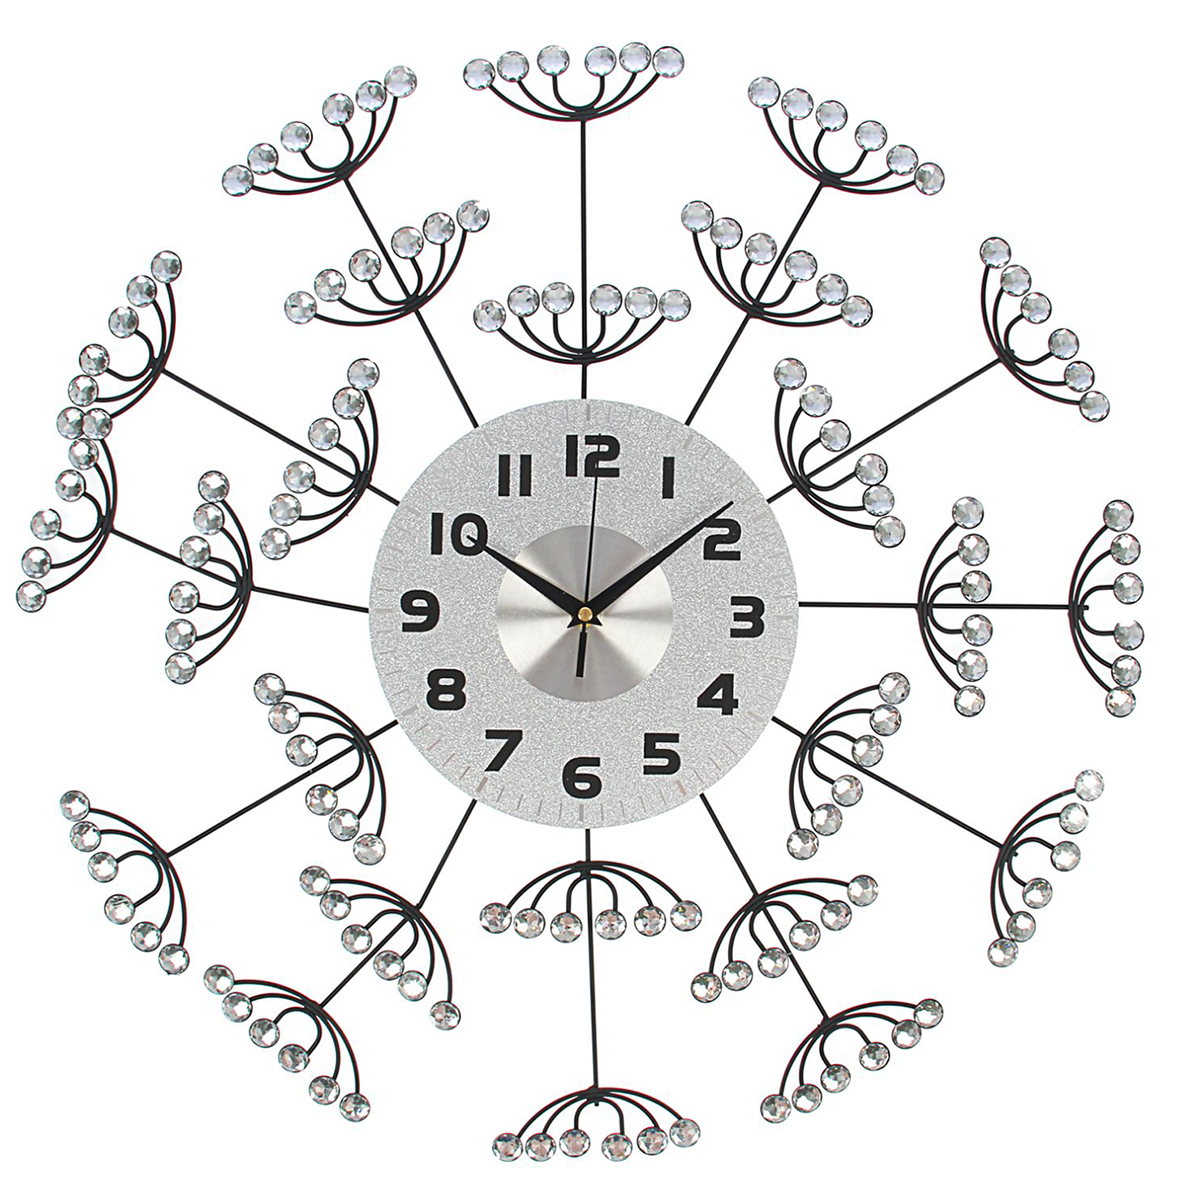 Часы настенные Ажур. Кисти рябины, диаметр 59 см1550658Каждому хозяину периодически приходит мысль обновить свою квартиру, сделать ремонт, перестановку или кардинально поменять внешний вид каждой комнаты. Часы настенные интерьерные Серия Ажур. Гроздья рябины, d=59 см — привлекательная деталь, которая поможет воплотить вашу интерьерную идею, создать неповторимую атмосферу в вашем доме. Окружите себя приятными мелочами, пусть они радуют глаз и дарят гармонию.Часы настенные серии Ажур Кисти рябины d=59см 1550658